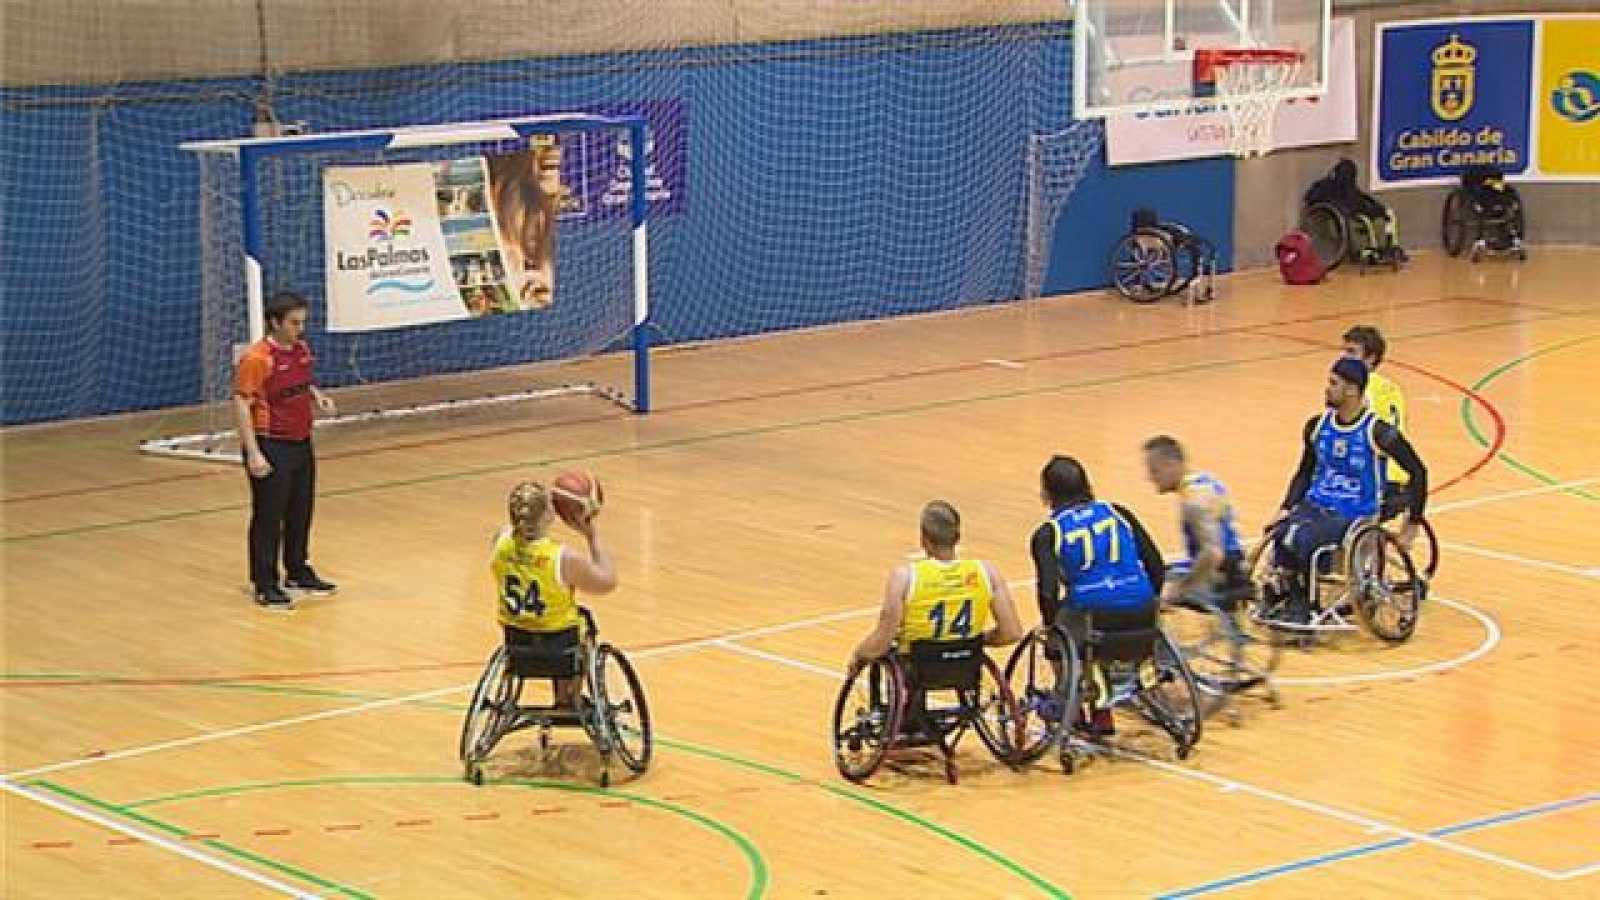 Deportes Canarias - 21/01/2021